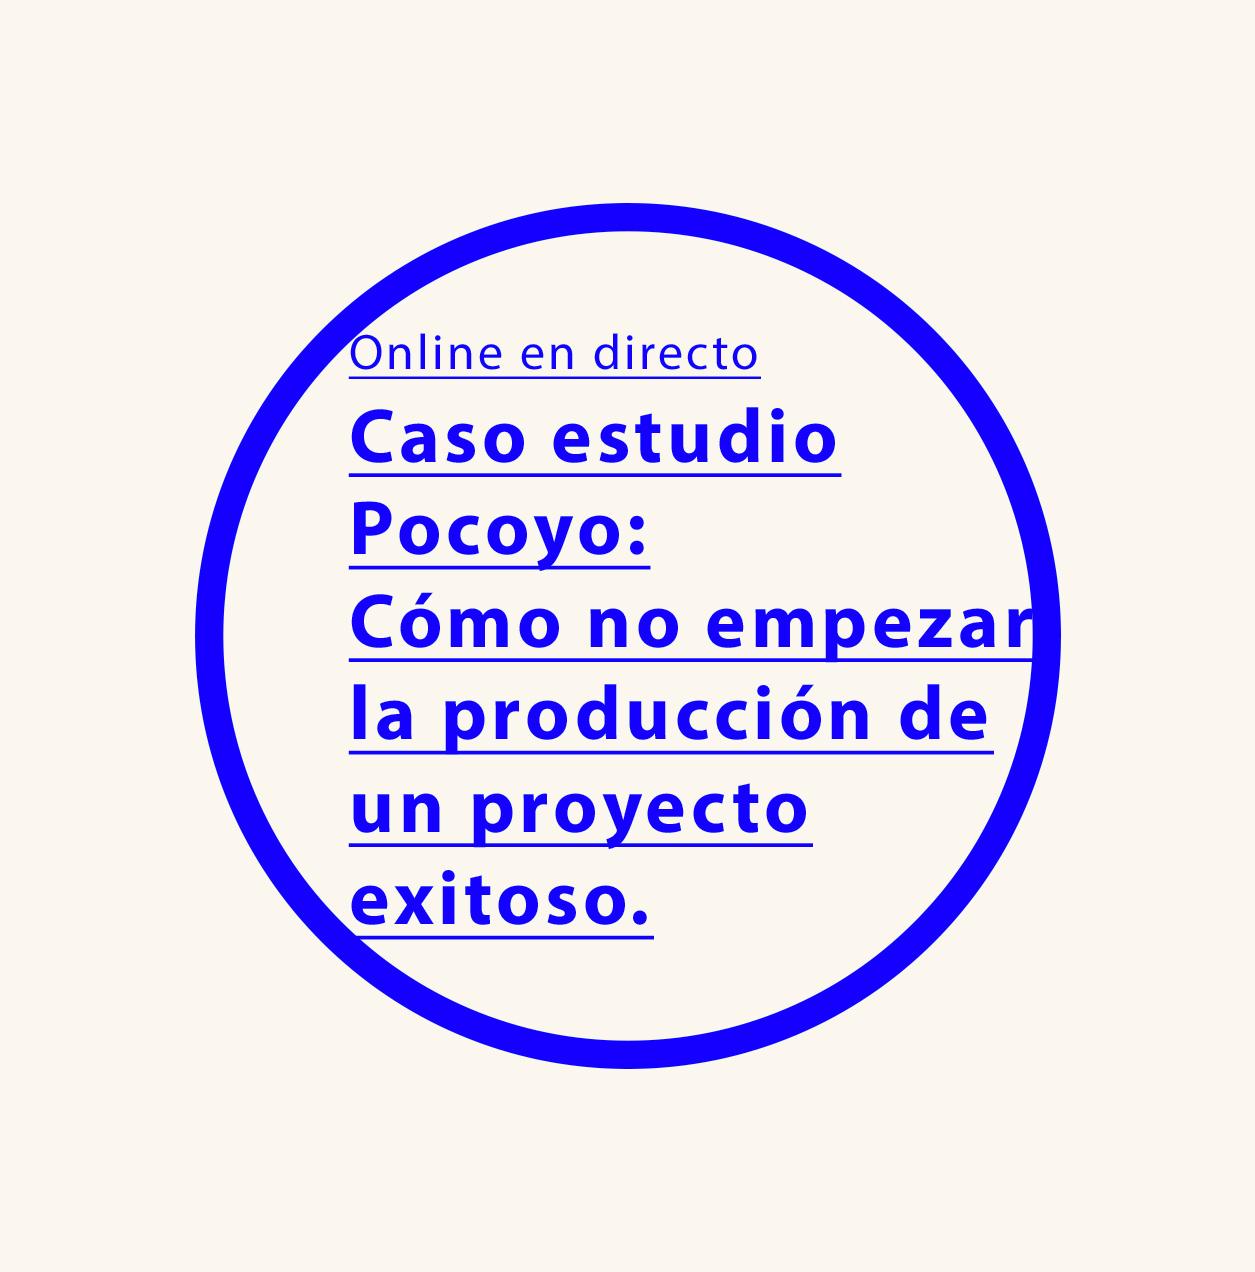 Caso estudio Pocoyo online en directo: Cómo no empezar la producción de un proyecto